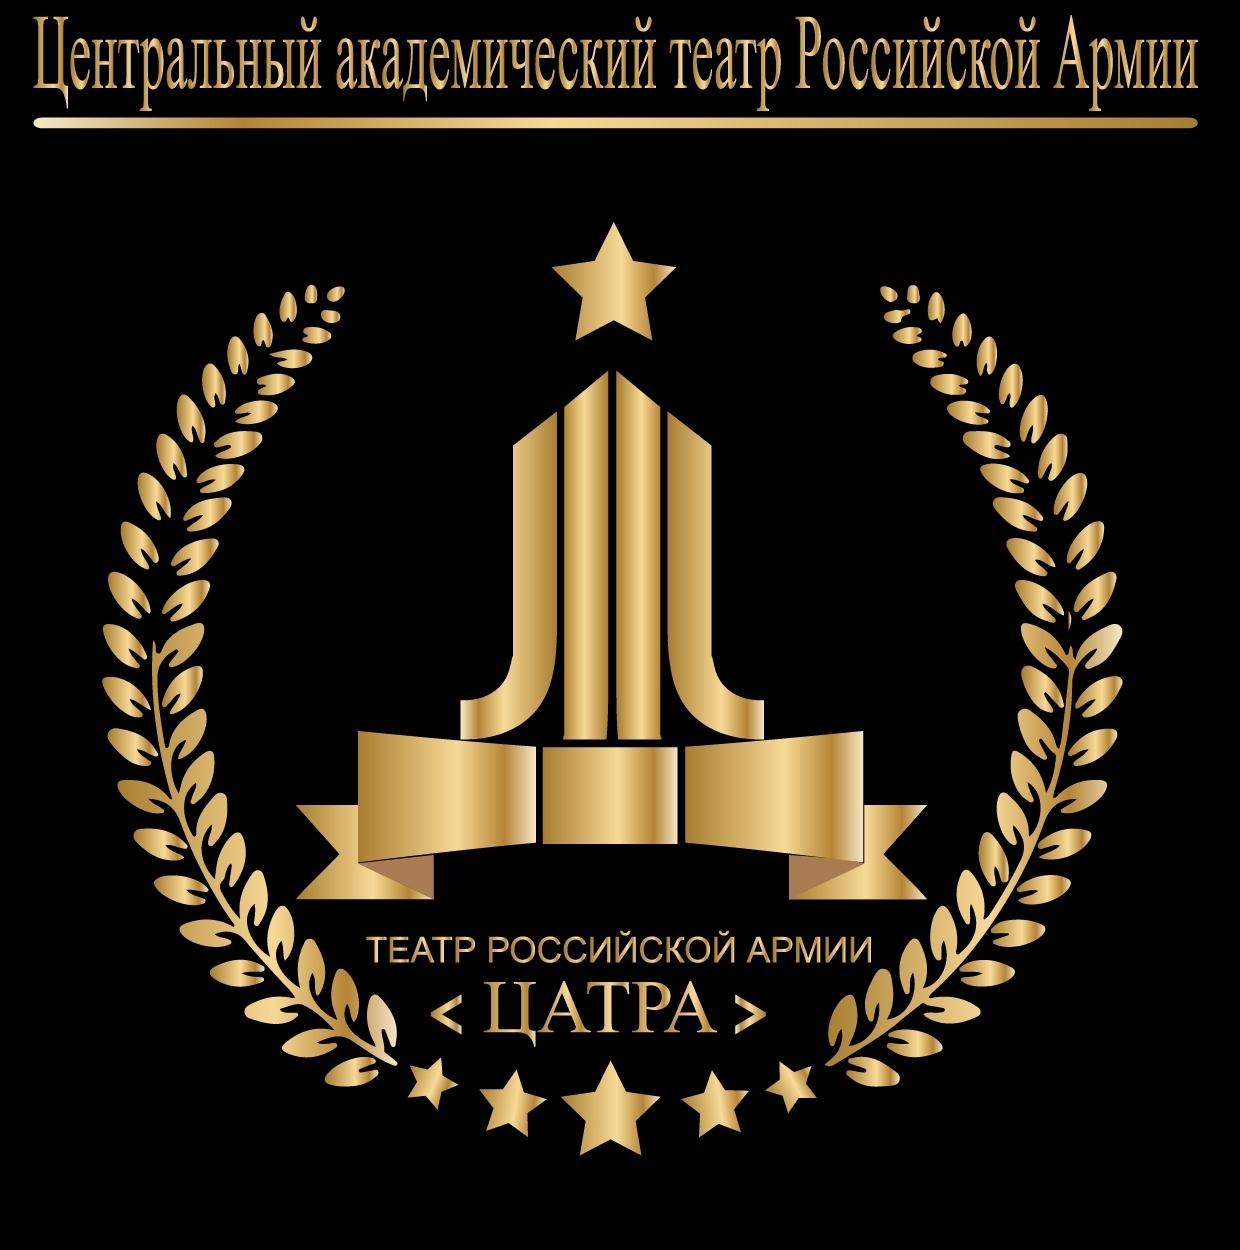 Разработка логотипа для Театра Российской Армии фото f_866588727598b77a.jpg